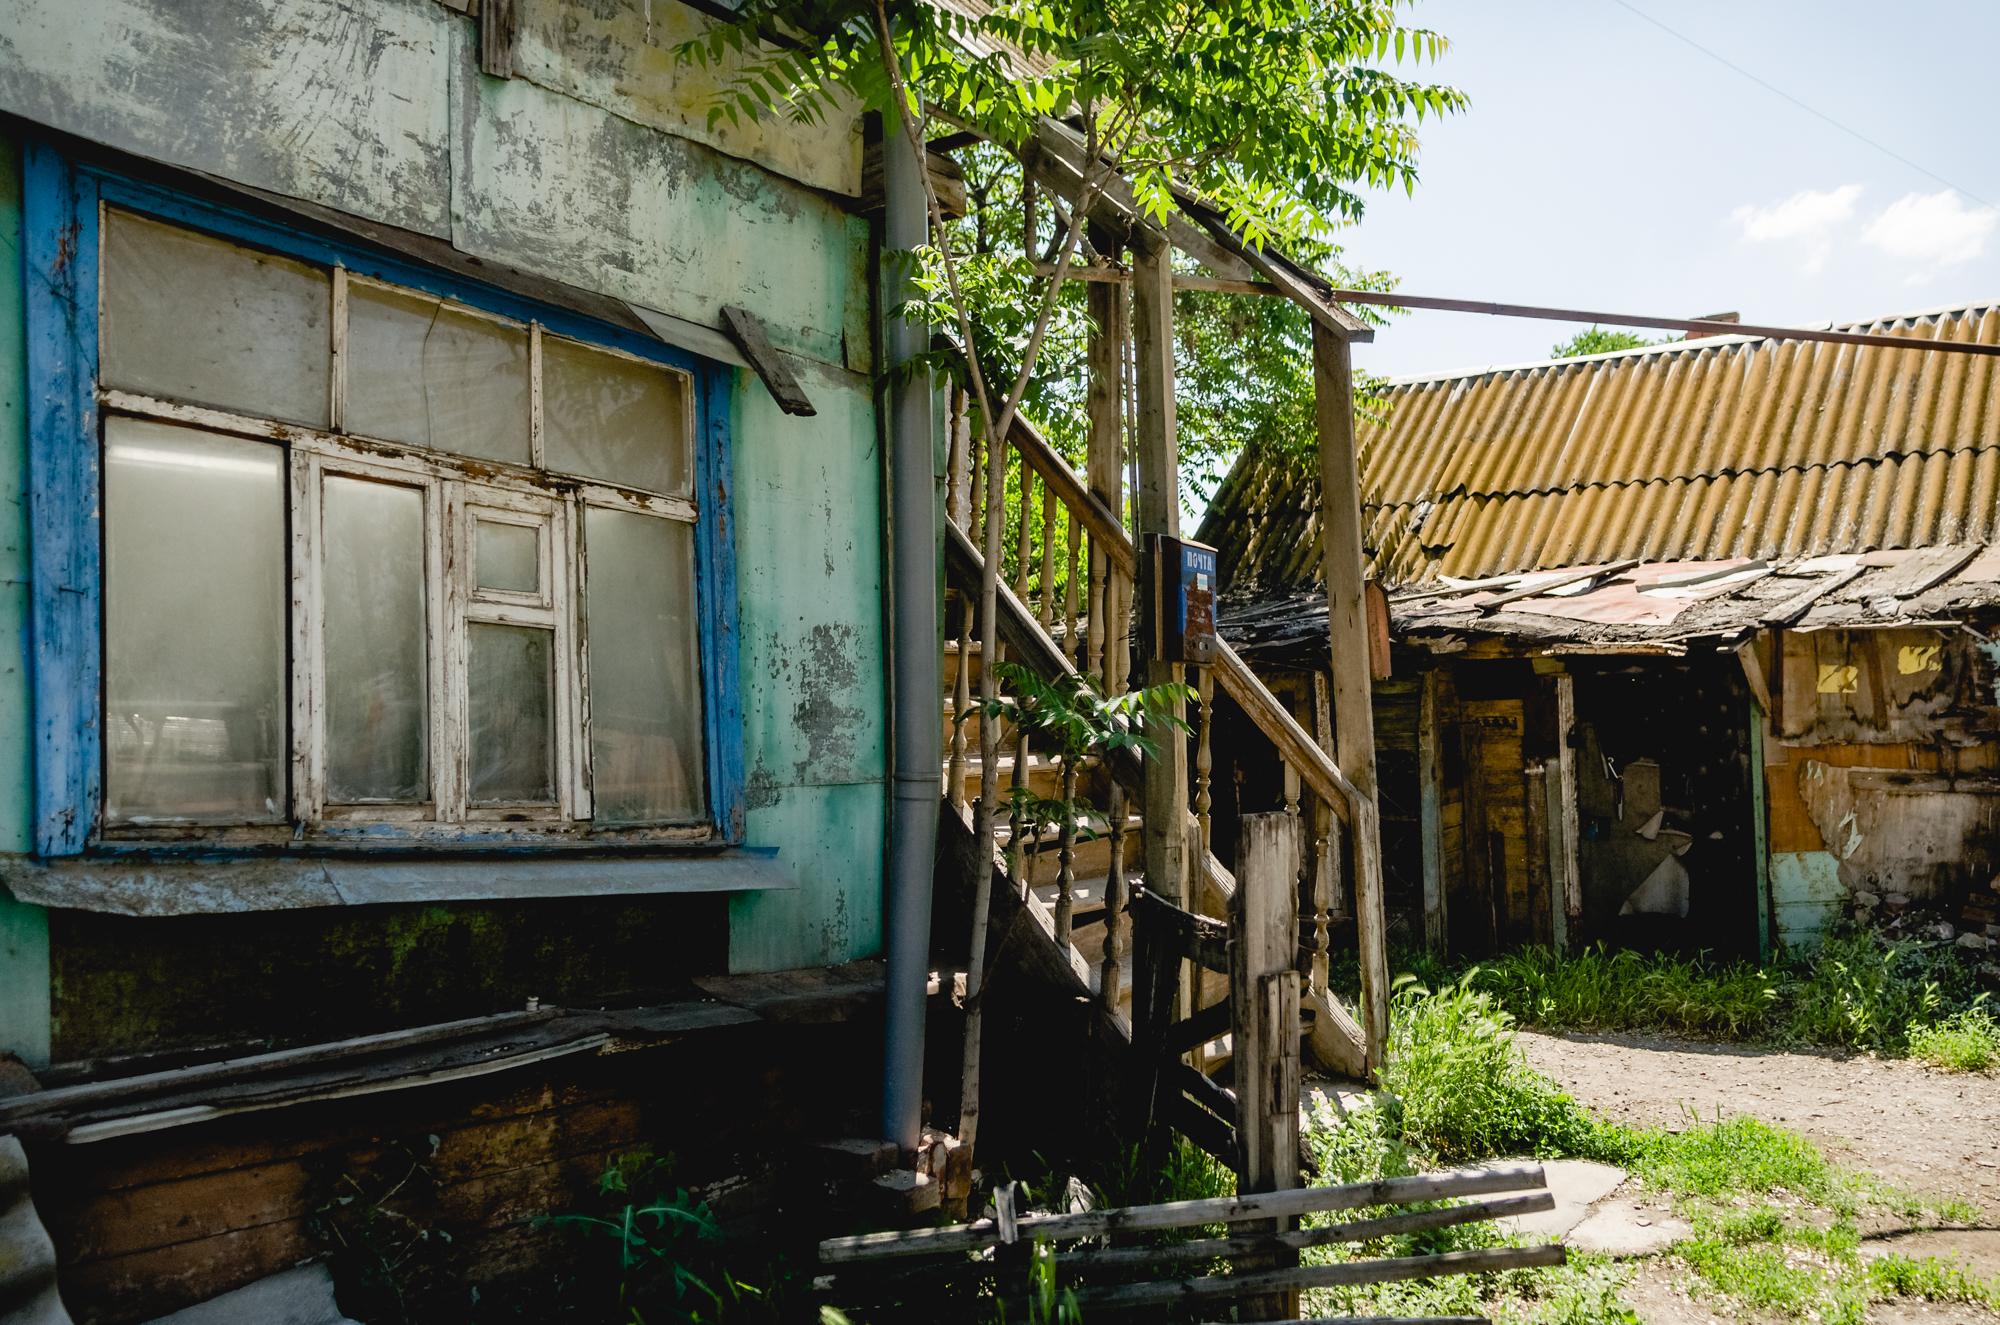 Астраханец добился нового жилья через прокуратуру